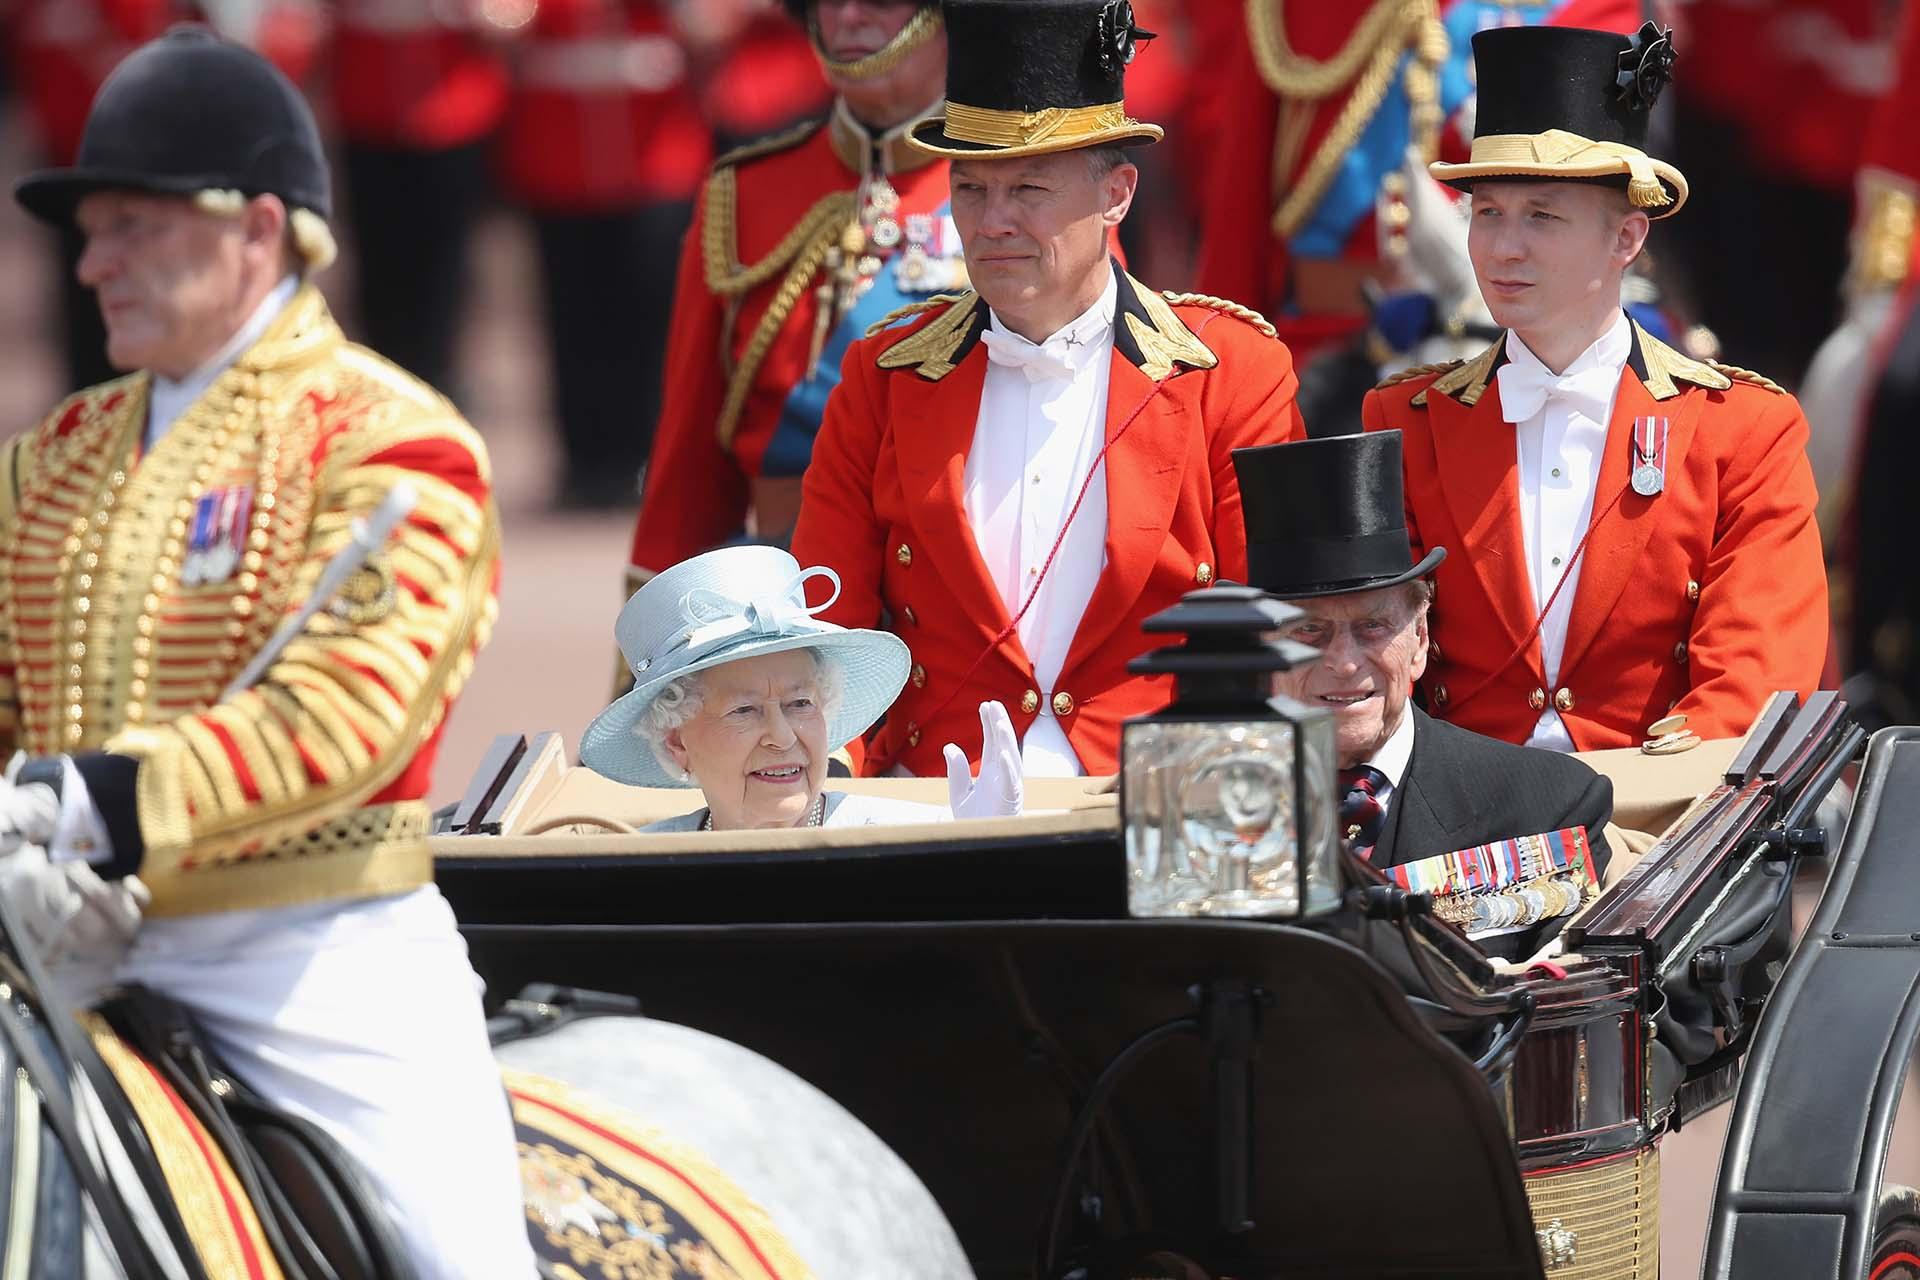 La monarca arribó a Buckingham en medio de un fuerte operativo de seguridad